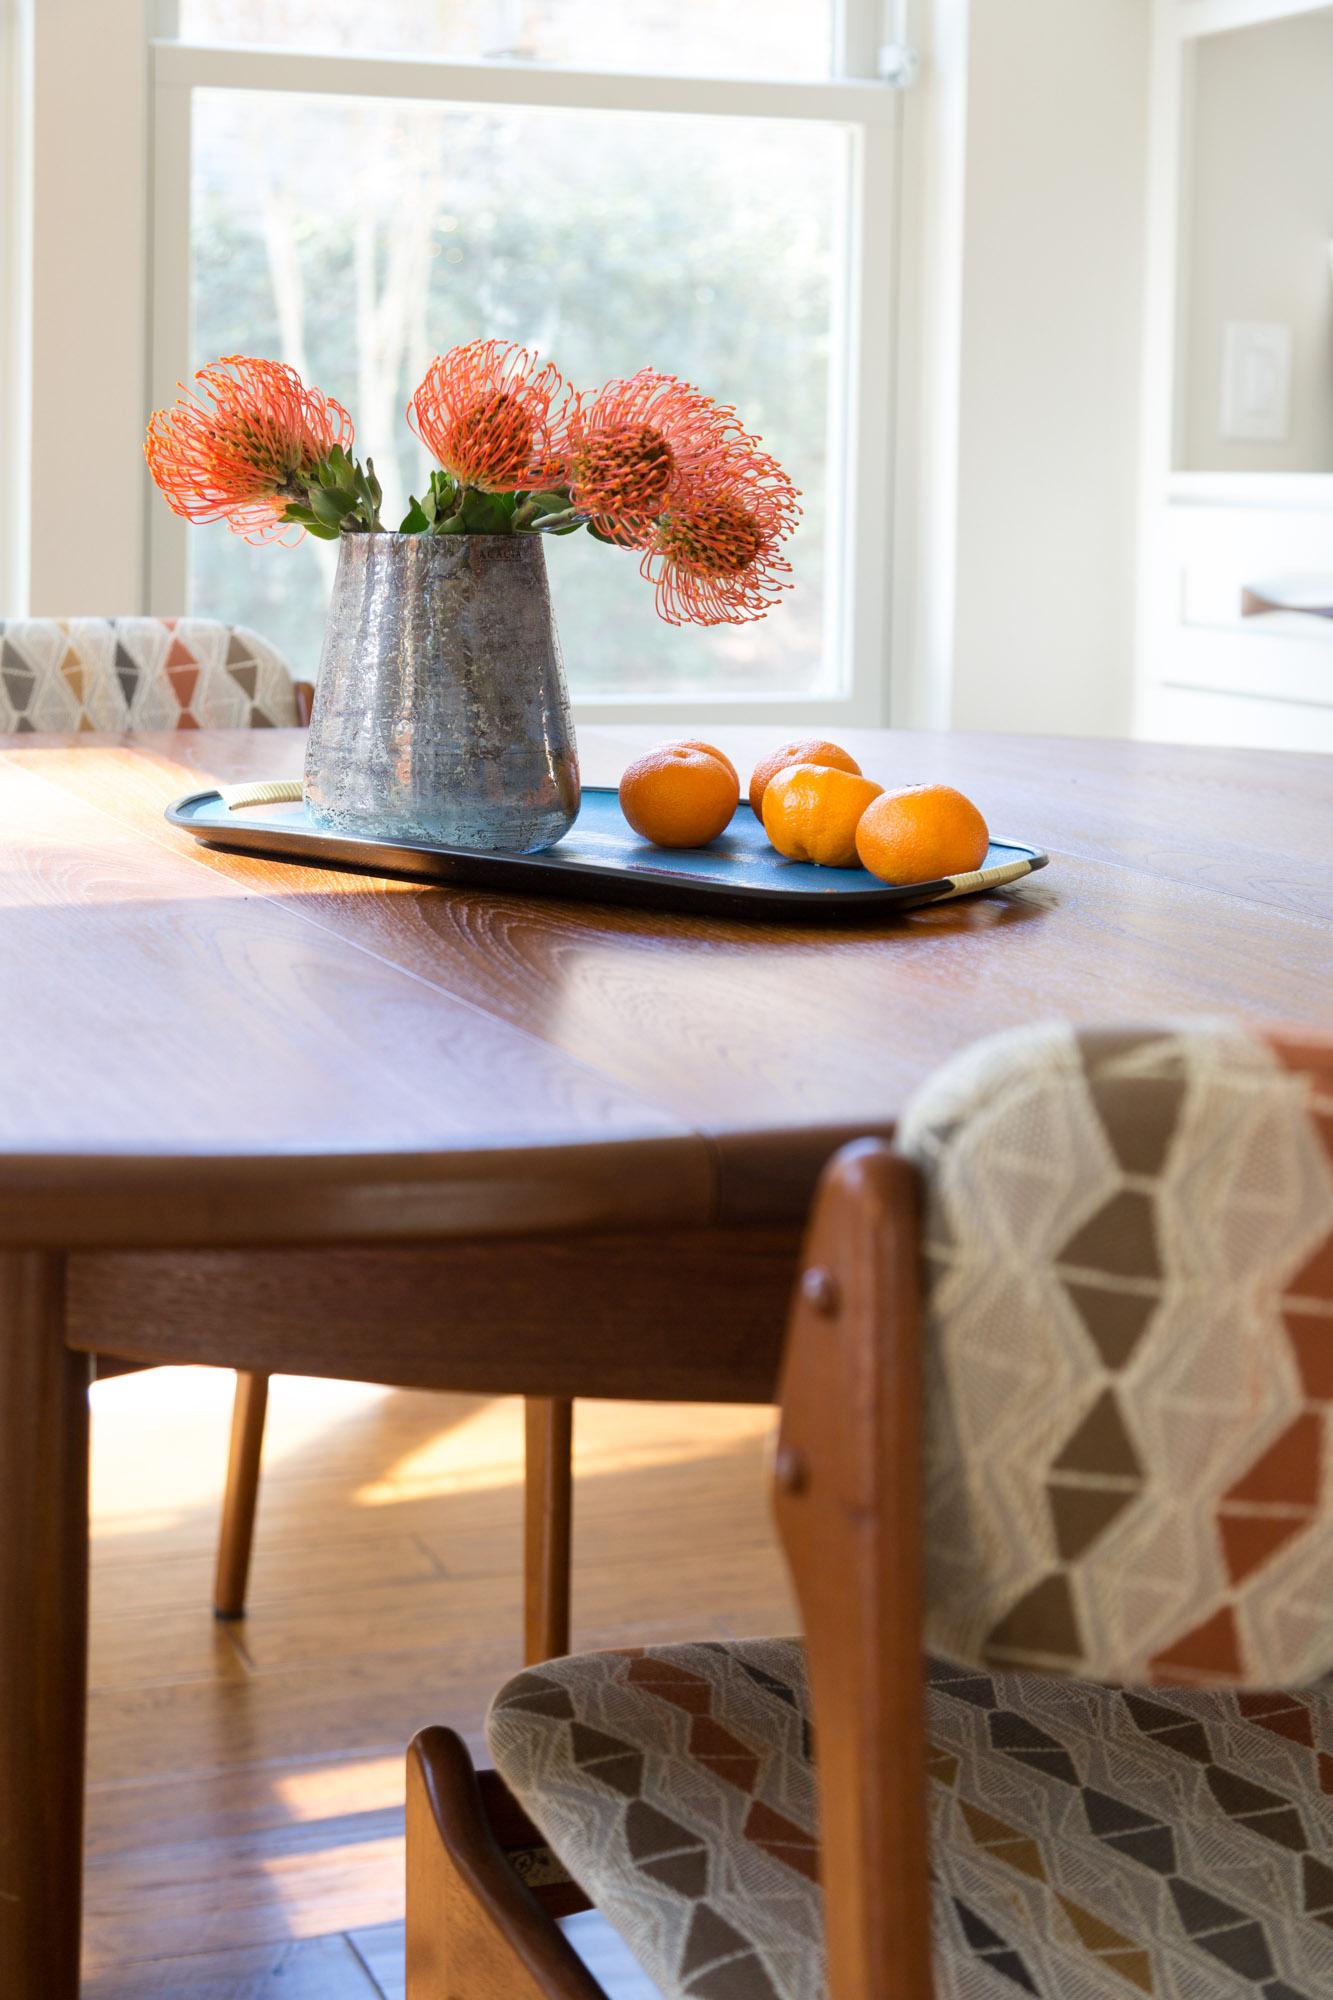 Kitchen Styling, Mid-century modern kitchen - Carla Aston, Photographer: Tori Aston #kitchenstyling